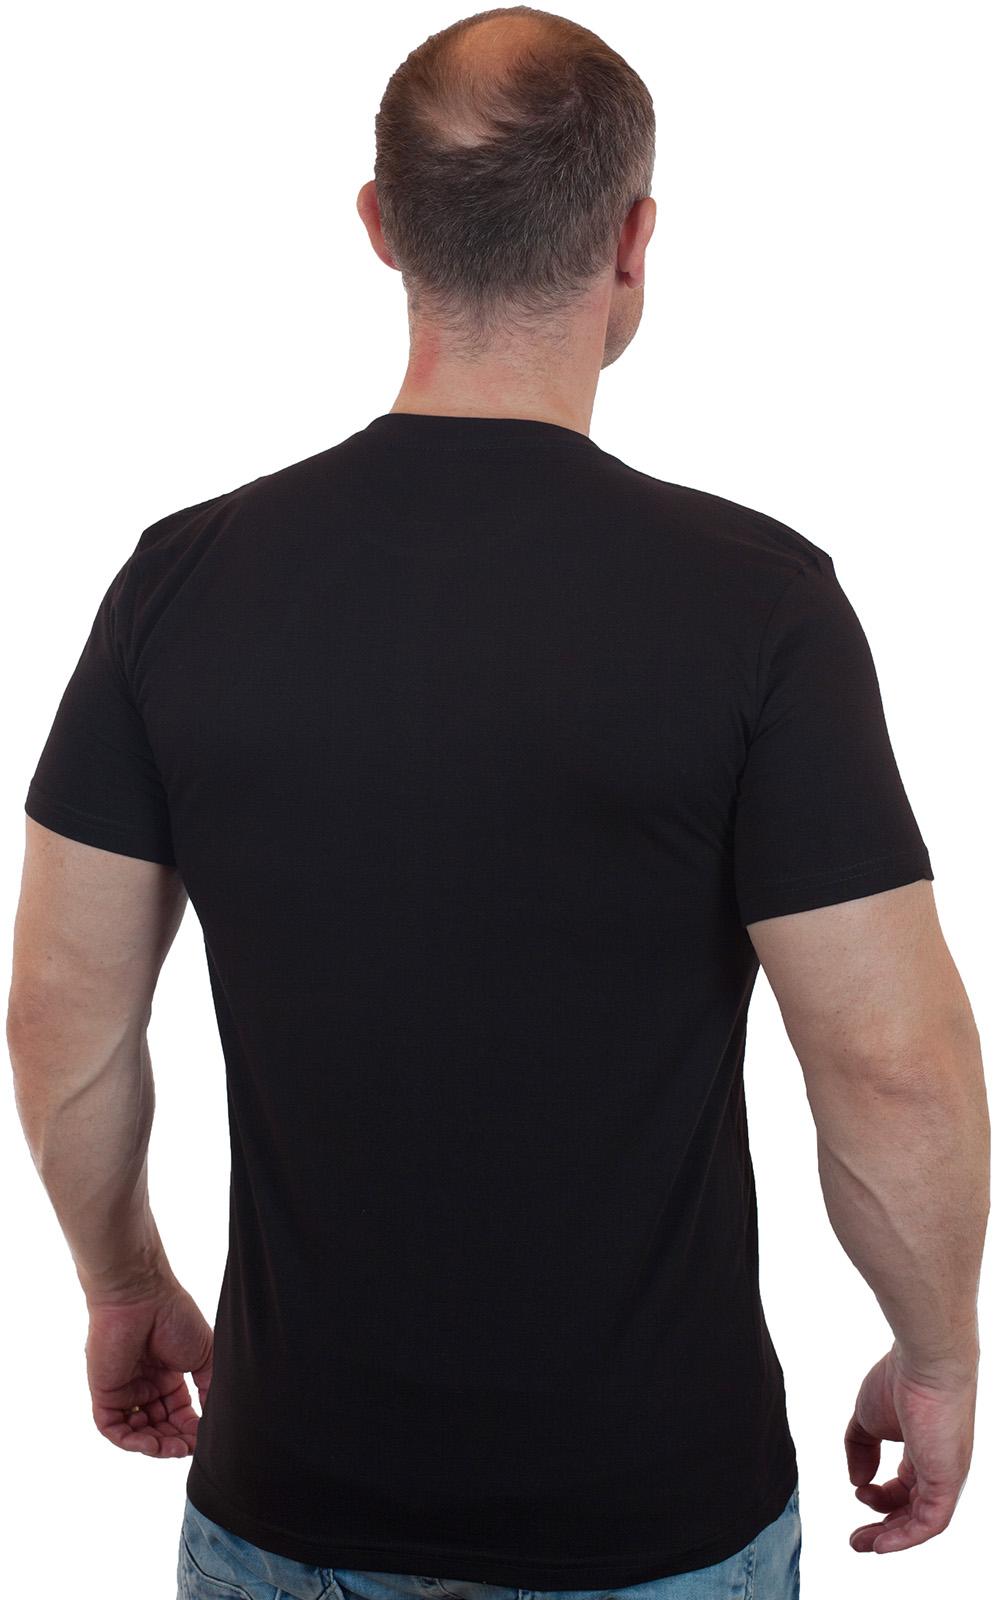 Мужская зачетная футболка с вышитым шевроном Мотострелковые войска РФ - заказать в розницу